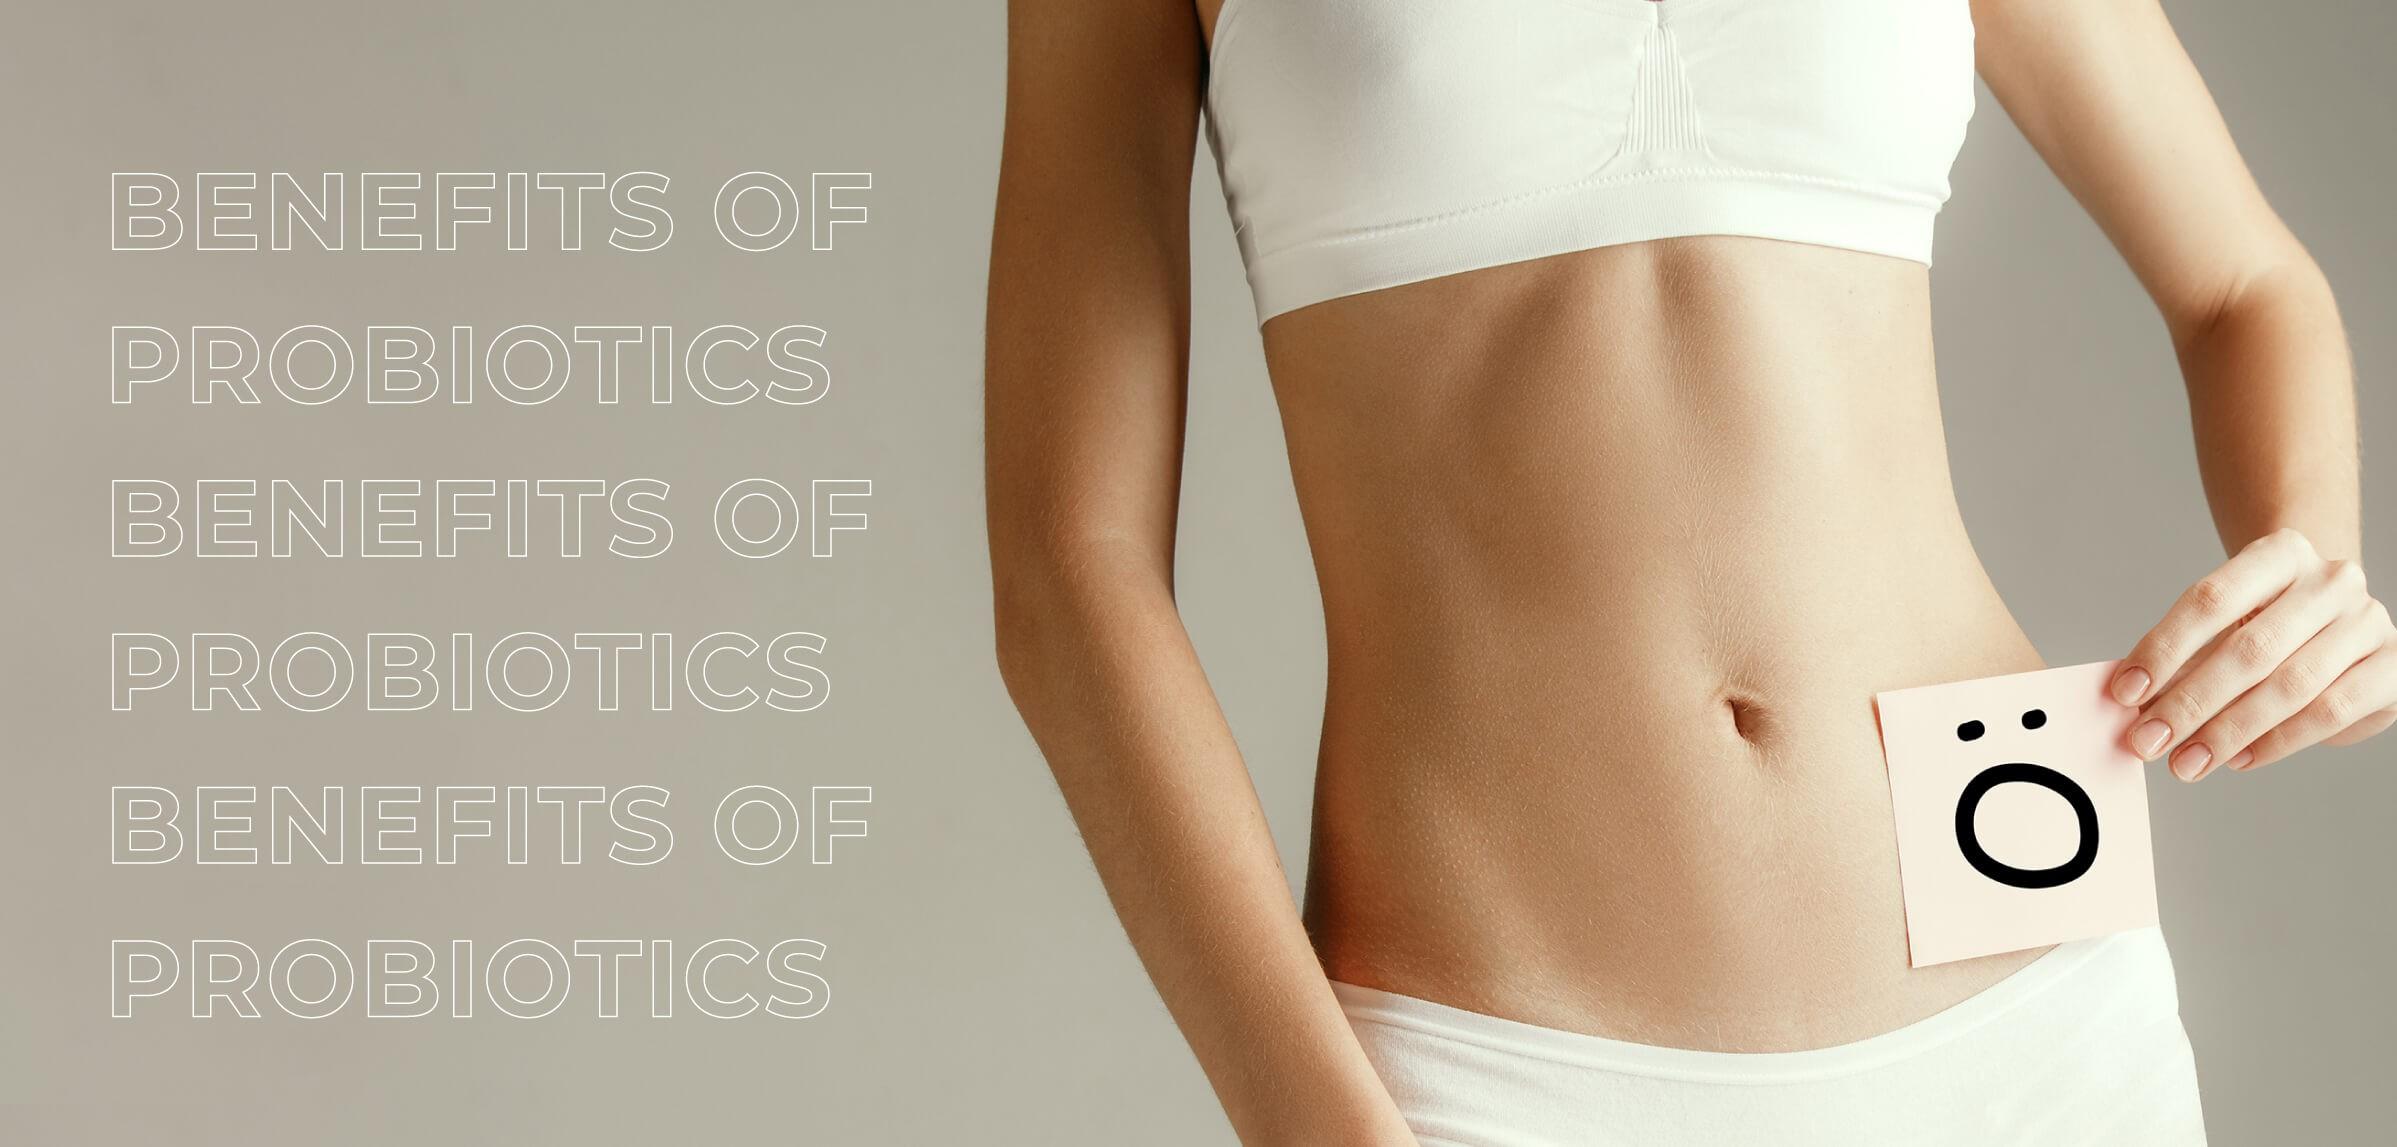 1分鐘看懂益生菌好處!益生菌有副作用?益生菌真的可以減肥?